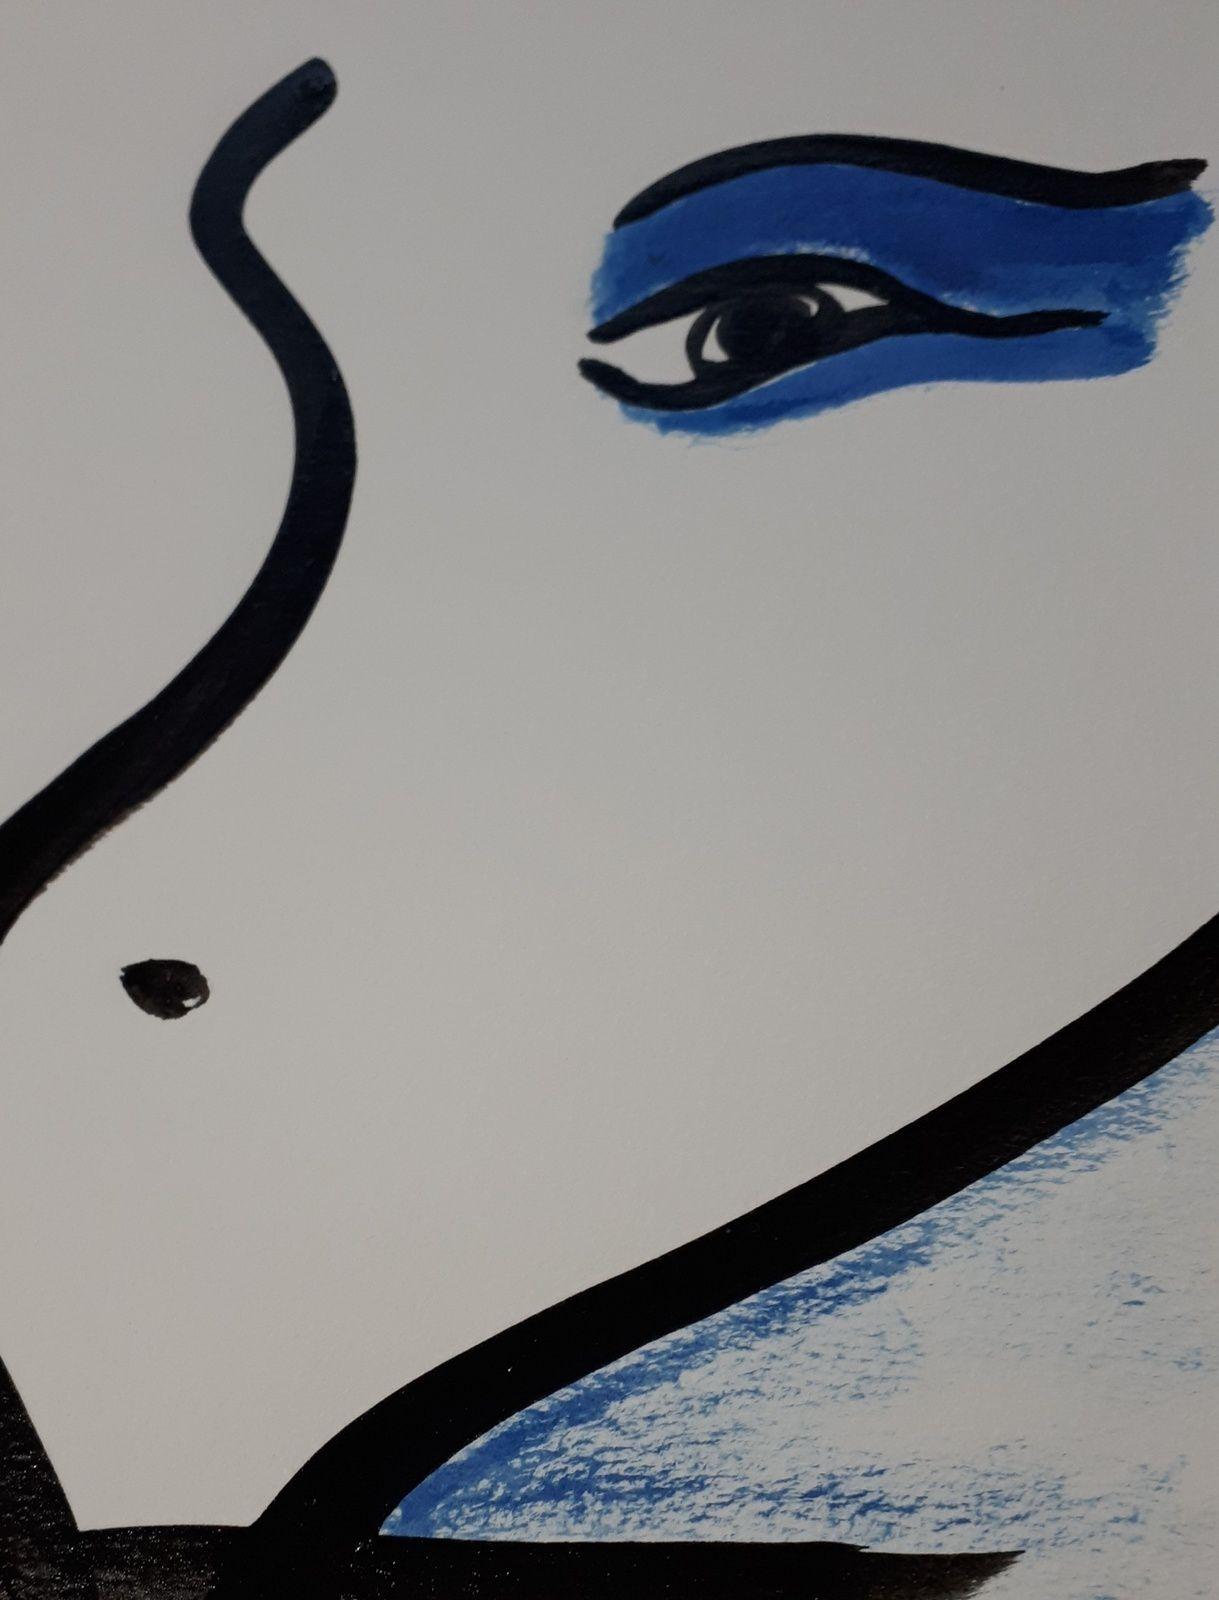 """Les Collages d'eMmA MessanA, encre/pastels. Détail du N°439 """"Ancrage III"""", pièce unique © eMmA MessanA"""